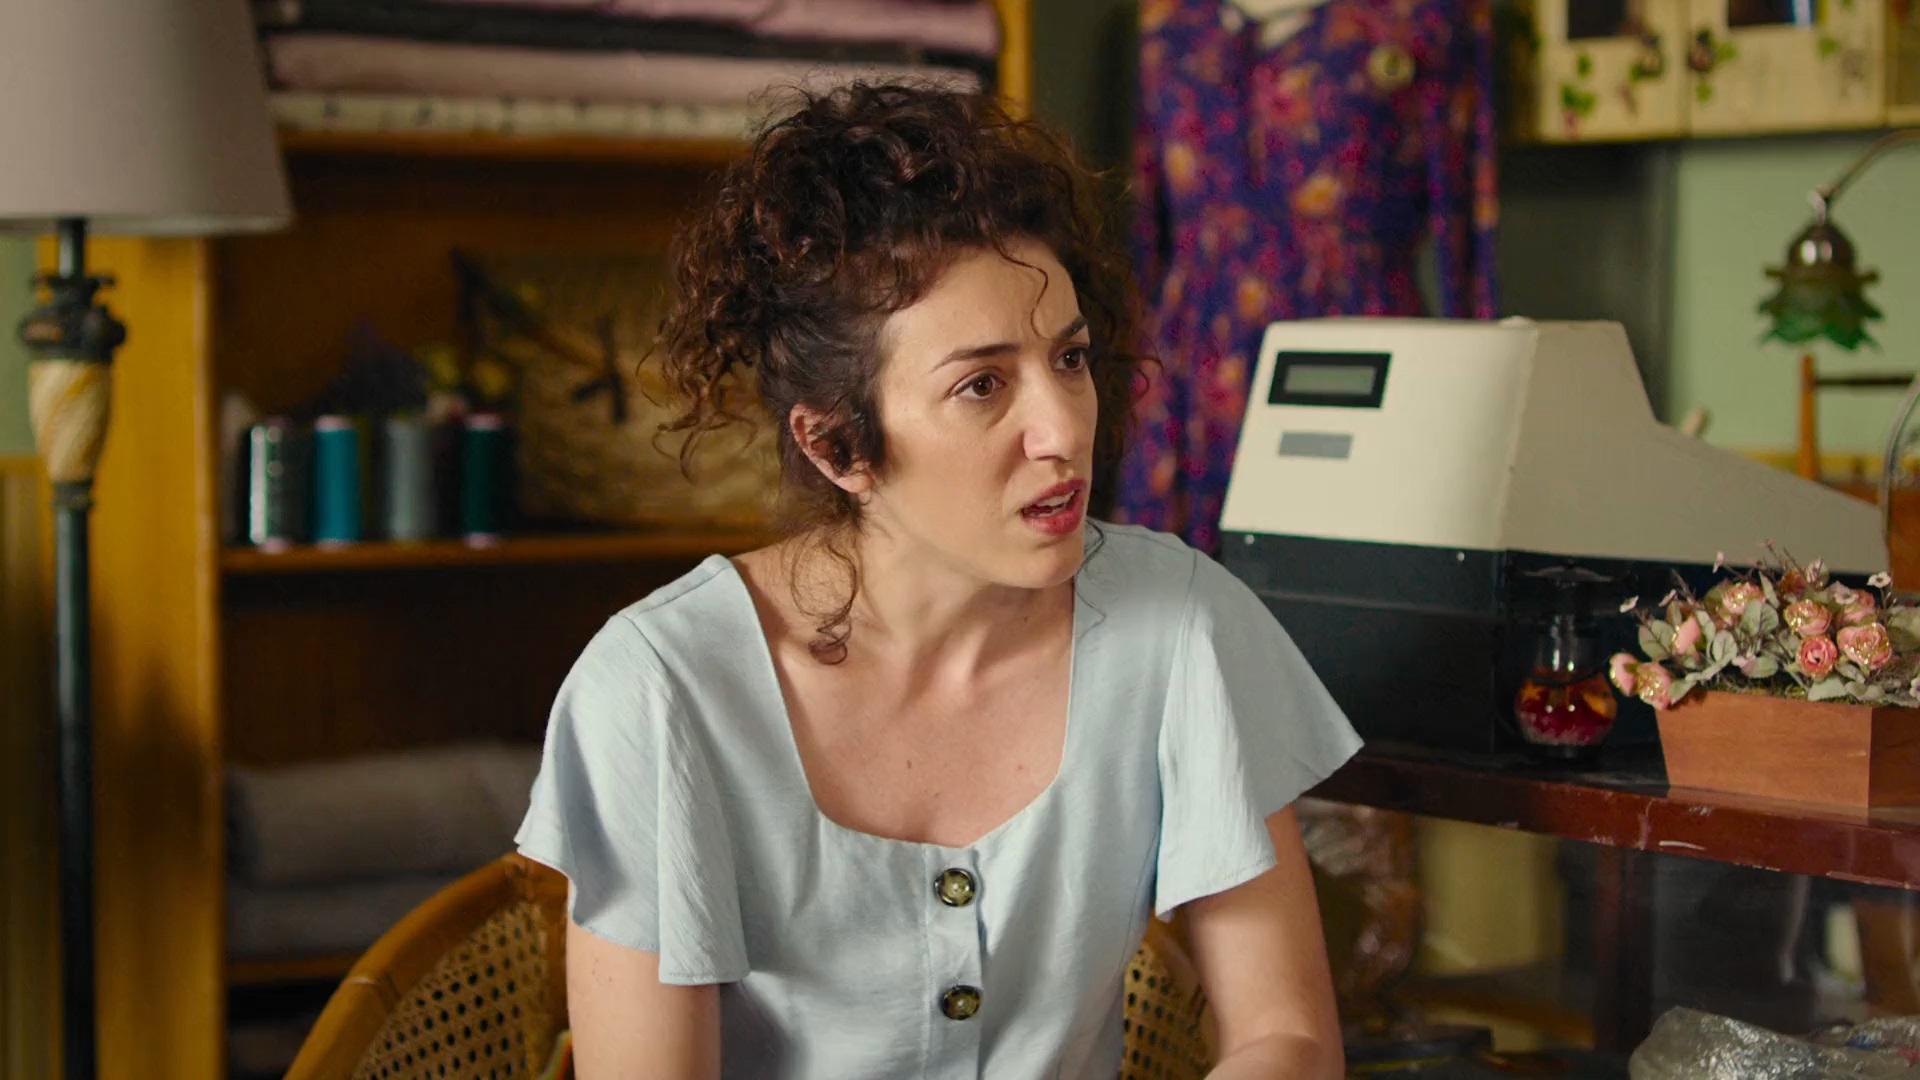 Zengo | 2020 | Yerli Film | NF | WEB-DL | XviD | Sansürsüz | 720p - 1080p - m720p - m1080p | WEB-DL | Tek Link